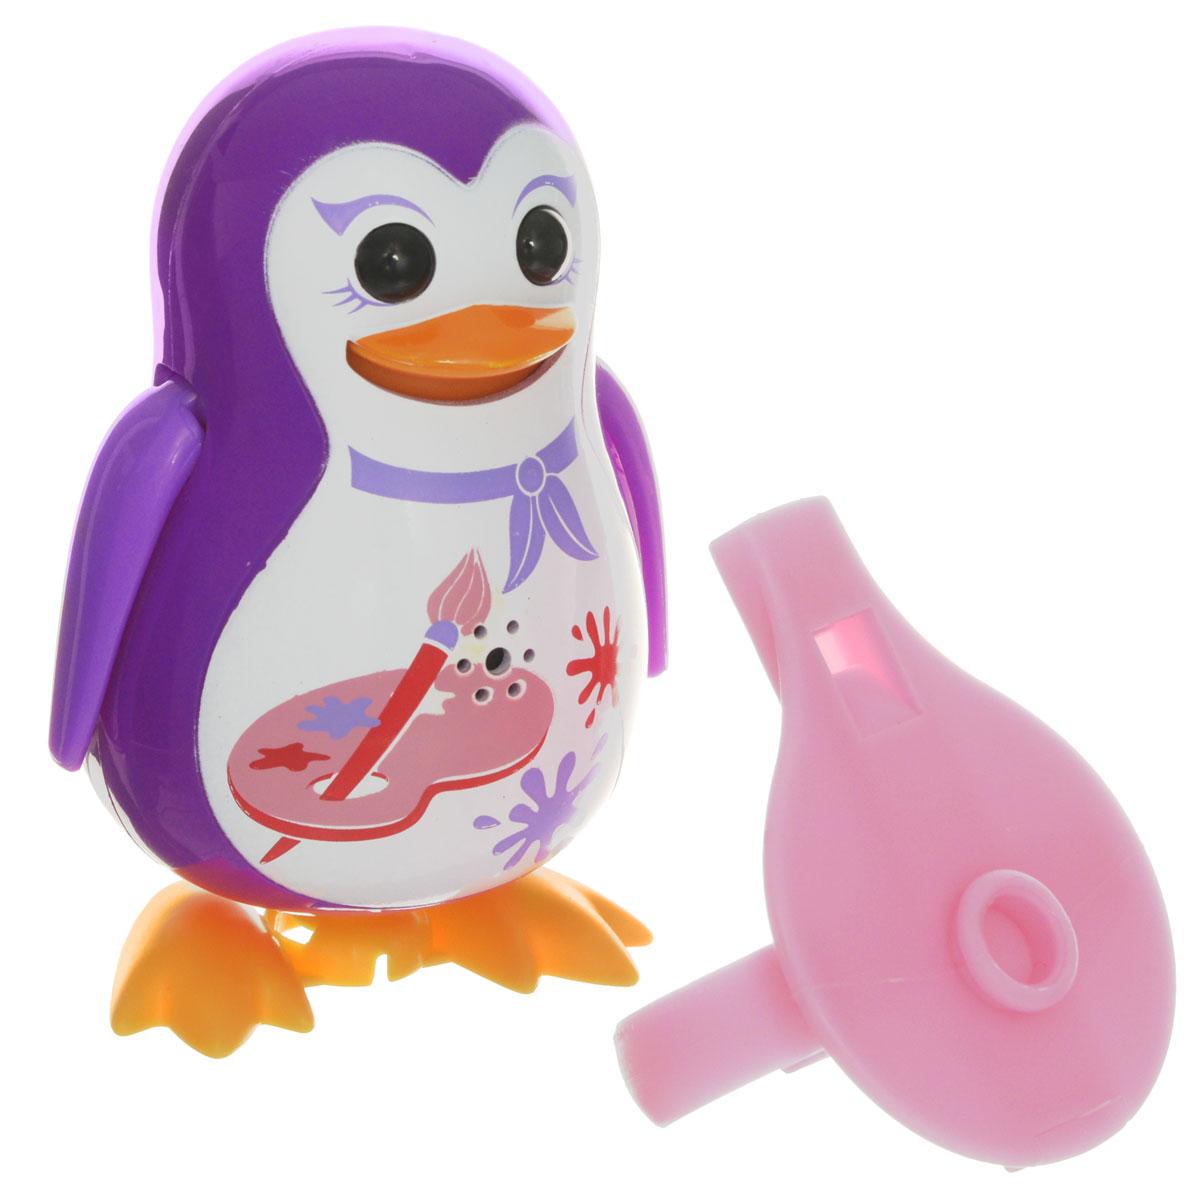 DigiFriends Интерактивная игрушка Пингвин Художник с кольцом88333-5У вас есть шанс получить уникального домашнего питомца - поющего пингвина. Не каждый может похвастаться этим. Эта умная игрушка интерактивная, она будет развлекать вас различными мелодиями, пением и ритмичными движениями. Для активизации пингвина необходимо подуть на него. Чтобы активировать режим проигрывания мелодий достаточно посвистеть в свисток, который имеется в комплекте. Игрушка издает 55 вариантов мелодий и звуков. Кольцо-свисток может служить как переносной насест для пингвина. Ребенок может надеть кольцо на два пальца, закрепить там игрушку и свободно играть или даже бегать. Пингвин устойчив на любой ровной поверхности. Игрушка может качаться, крутиться, махать крыльями и шевелить клювом в такт мелодии. Игрушка работает в двух режимах: соло и хор. Можно синхронизировать неограниченное количество пингвинов или других персонажей DigiFriends. Главным в хоре становится персонаж, которого первого включили. Необходимо размещать DigiFriends на расстоянии не более 15...